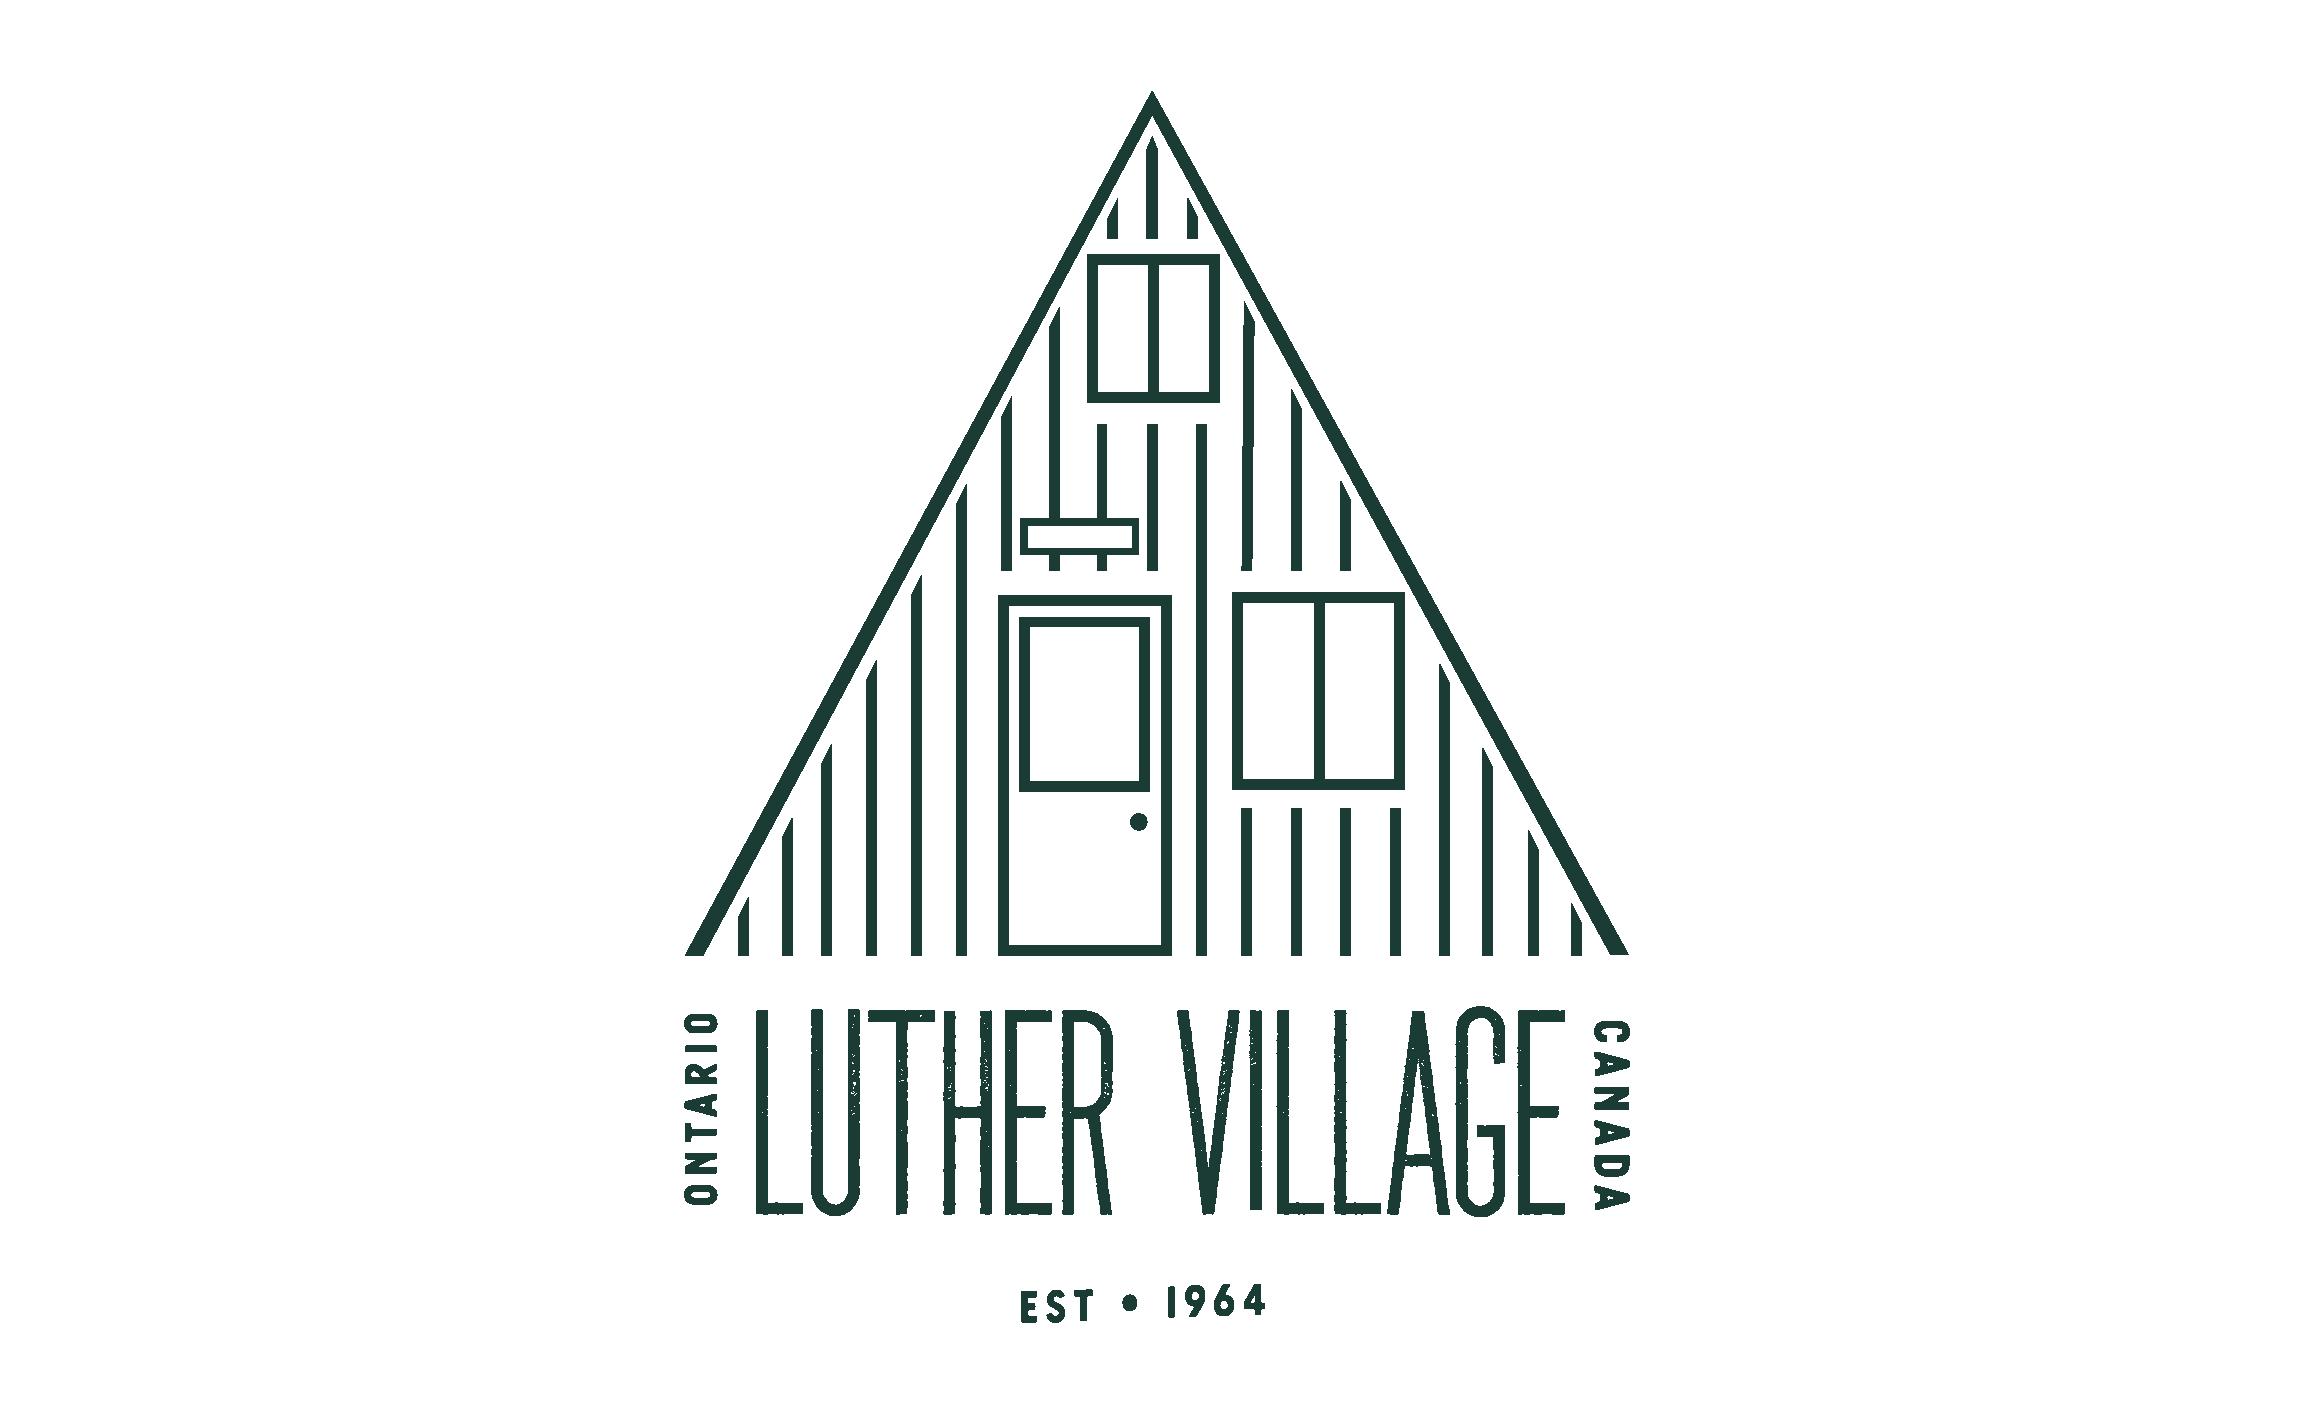 LV-AframeDerivJD-site-01-01.png